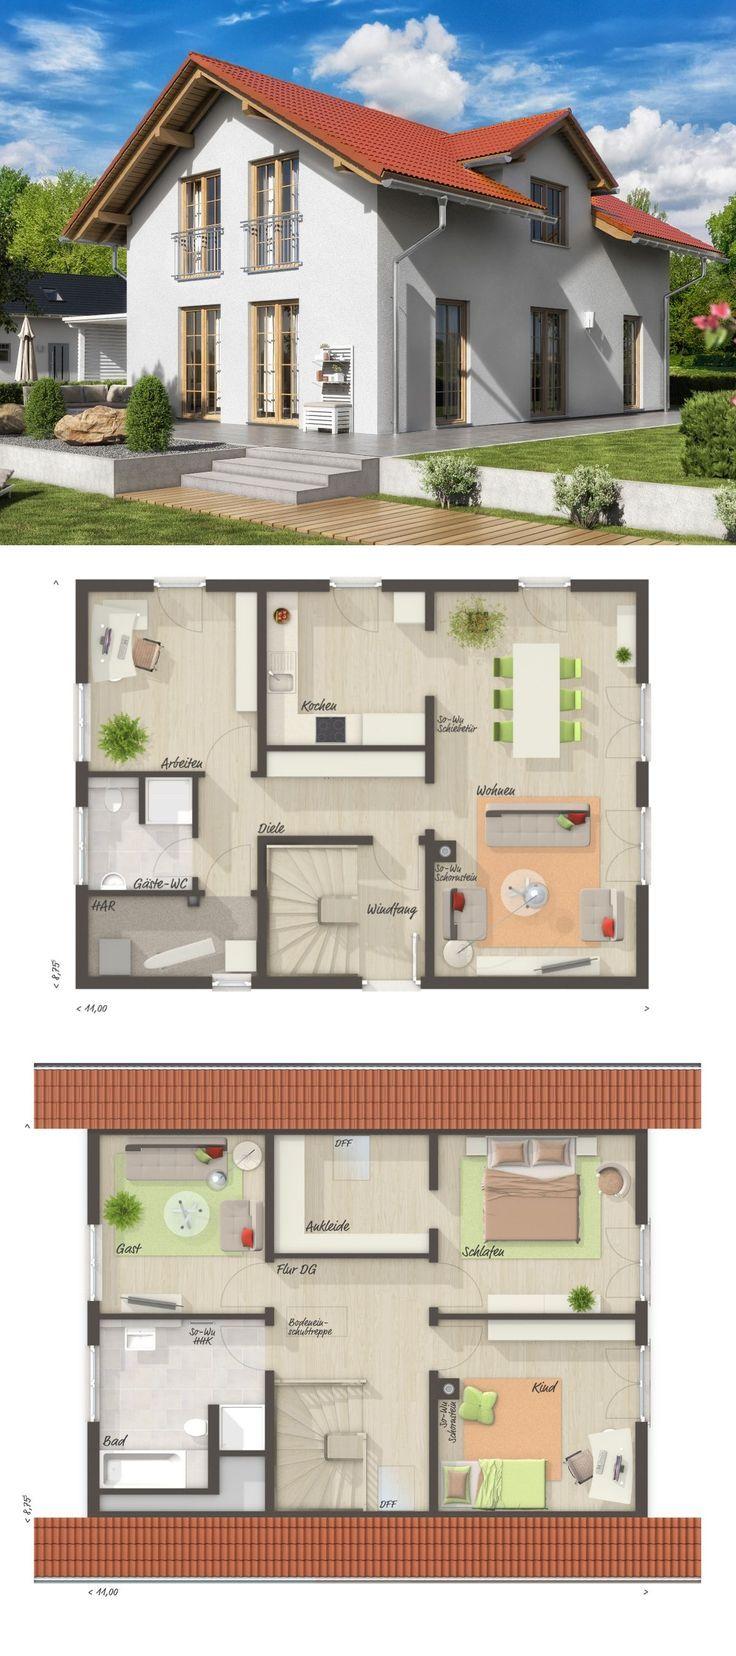 Einfamilienhaus Neubau im Landhausstil Grundriss mit Satteldach Architektur & Zw… – Axel Müller